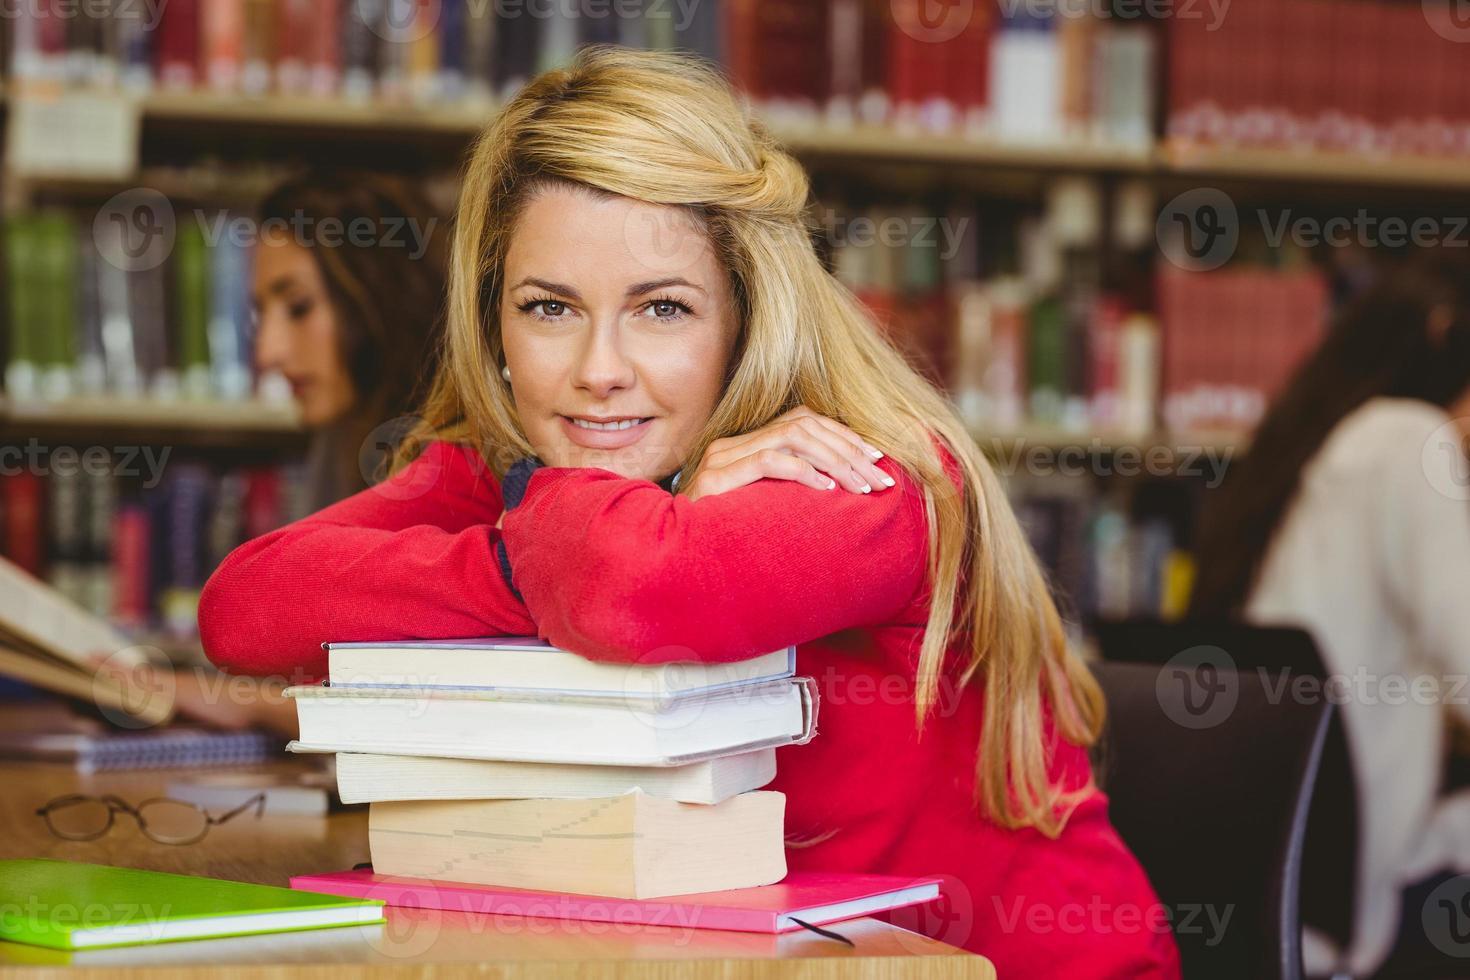 estudiante maduro sonriente apoyado en una pila de libros foto